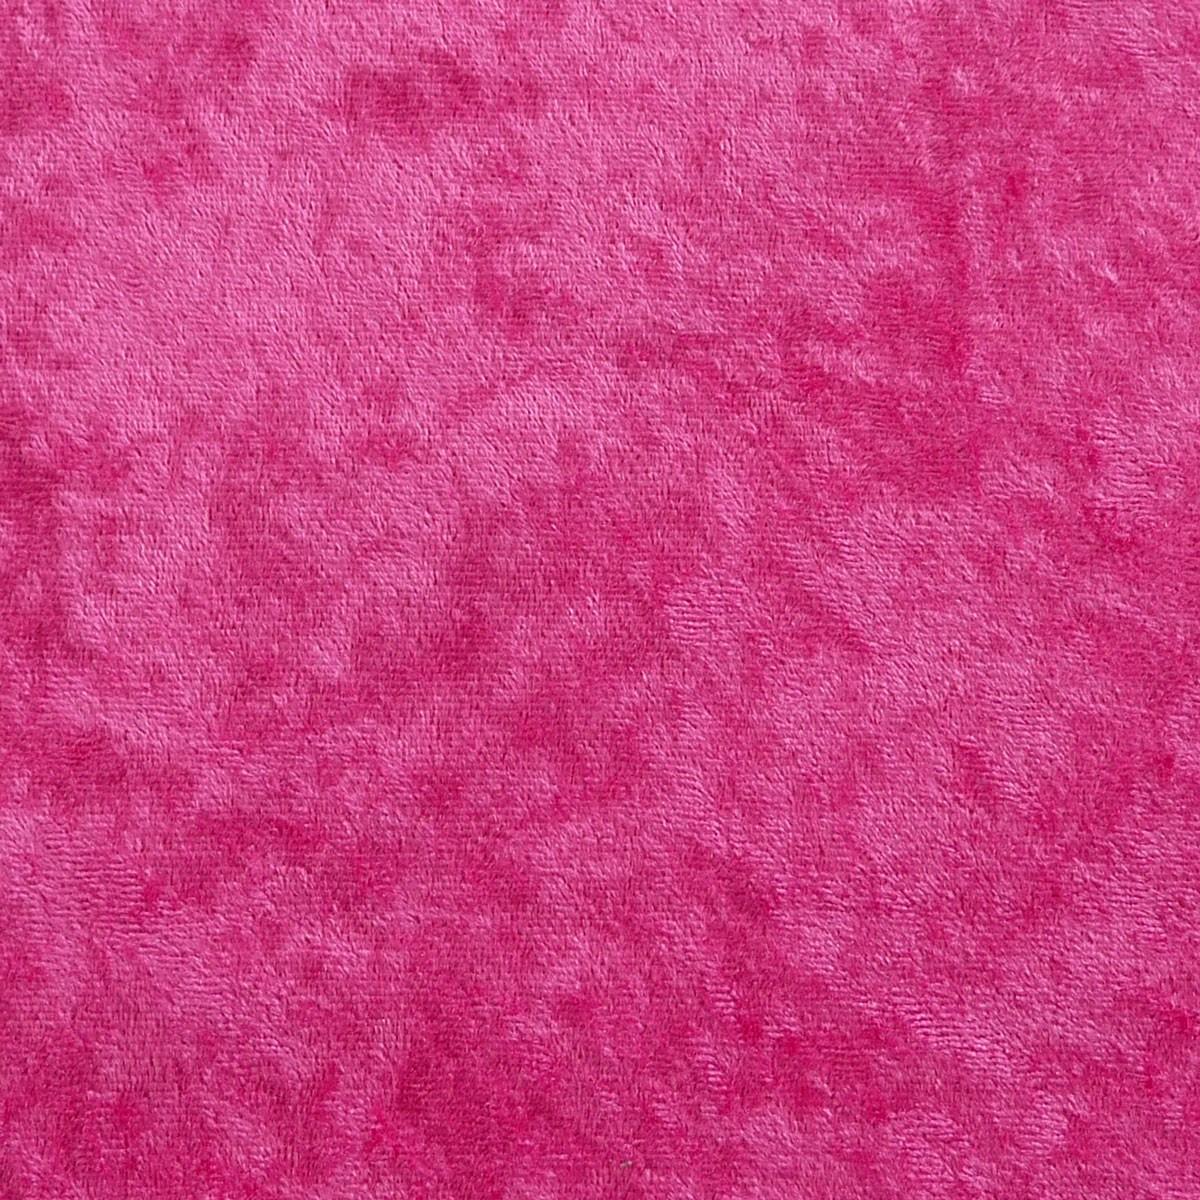 samtstoff kreativstoff pannesamt einfarbig pink 1 5m stoffe stoffe uni. Black Bedroom Furniture Sets. Home Design Ideas